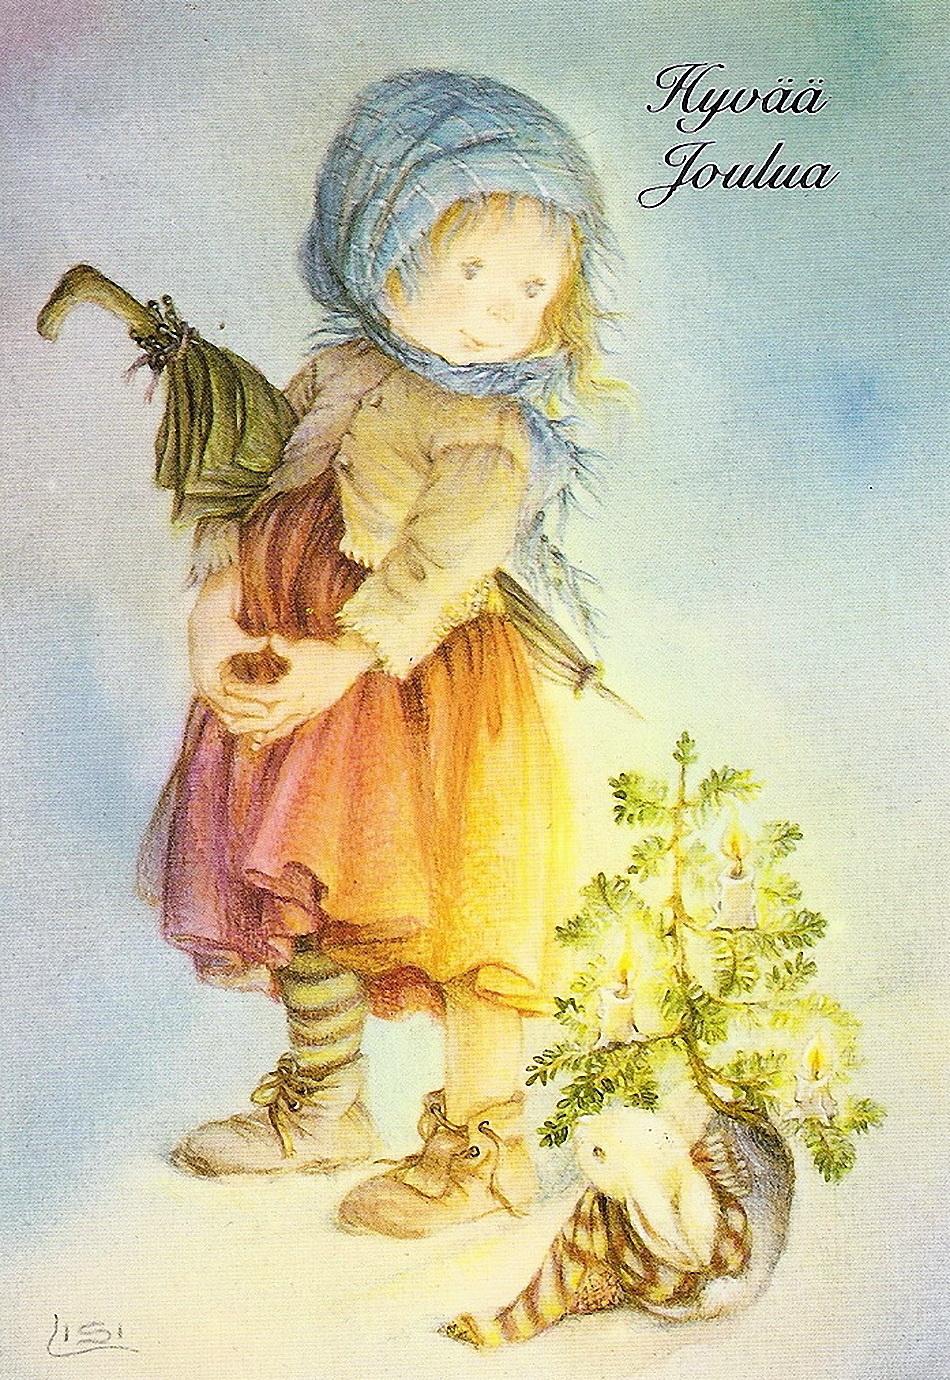 Рождество открытки художника, месяцев мальчику